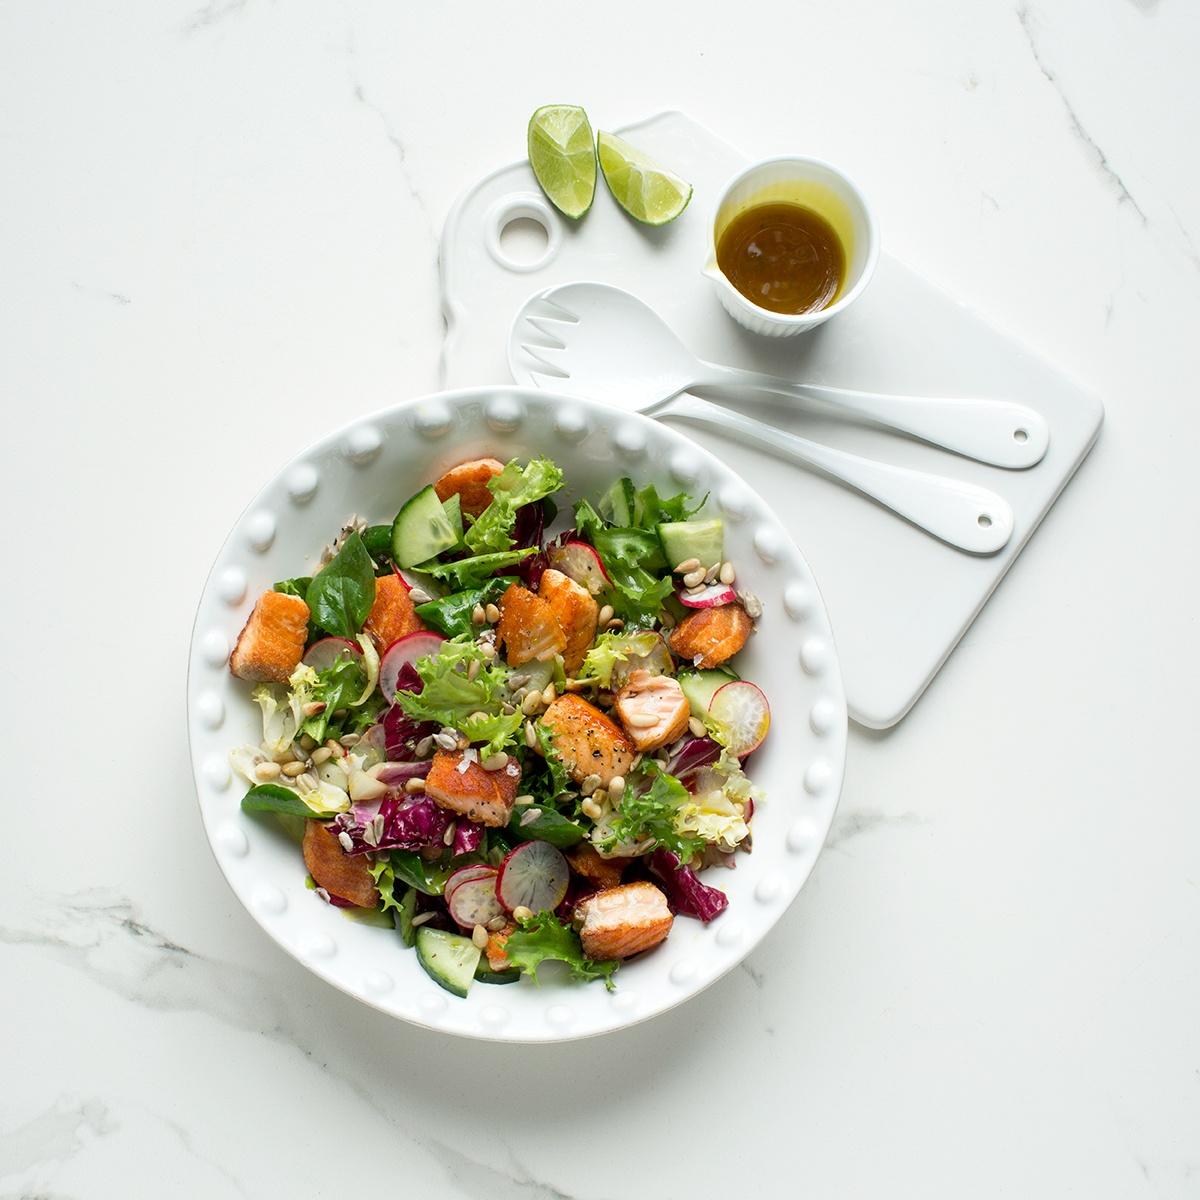 Gemischter Salat mit Lachs-Nuss-Topping